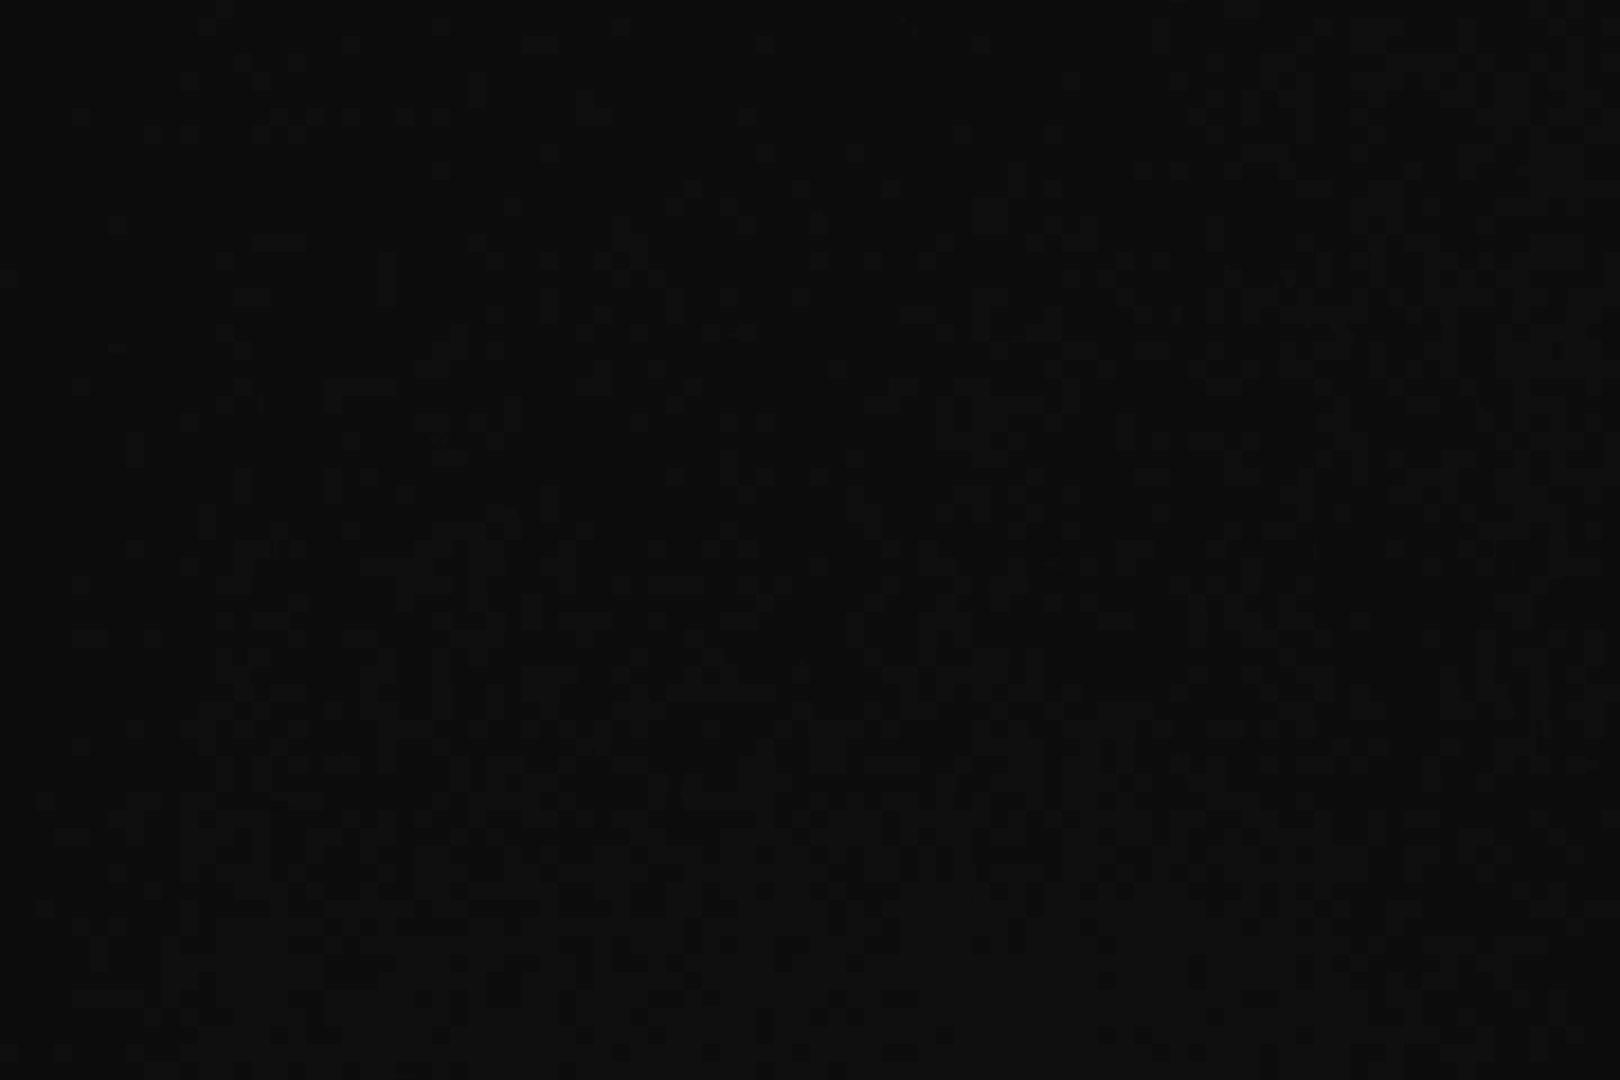 流出!極太の悪戯ウォッチング!前編 悪戯特集 ゲイ無料エロ画像 92枚 5